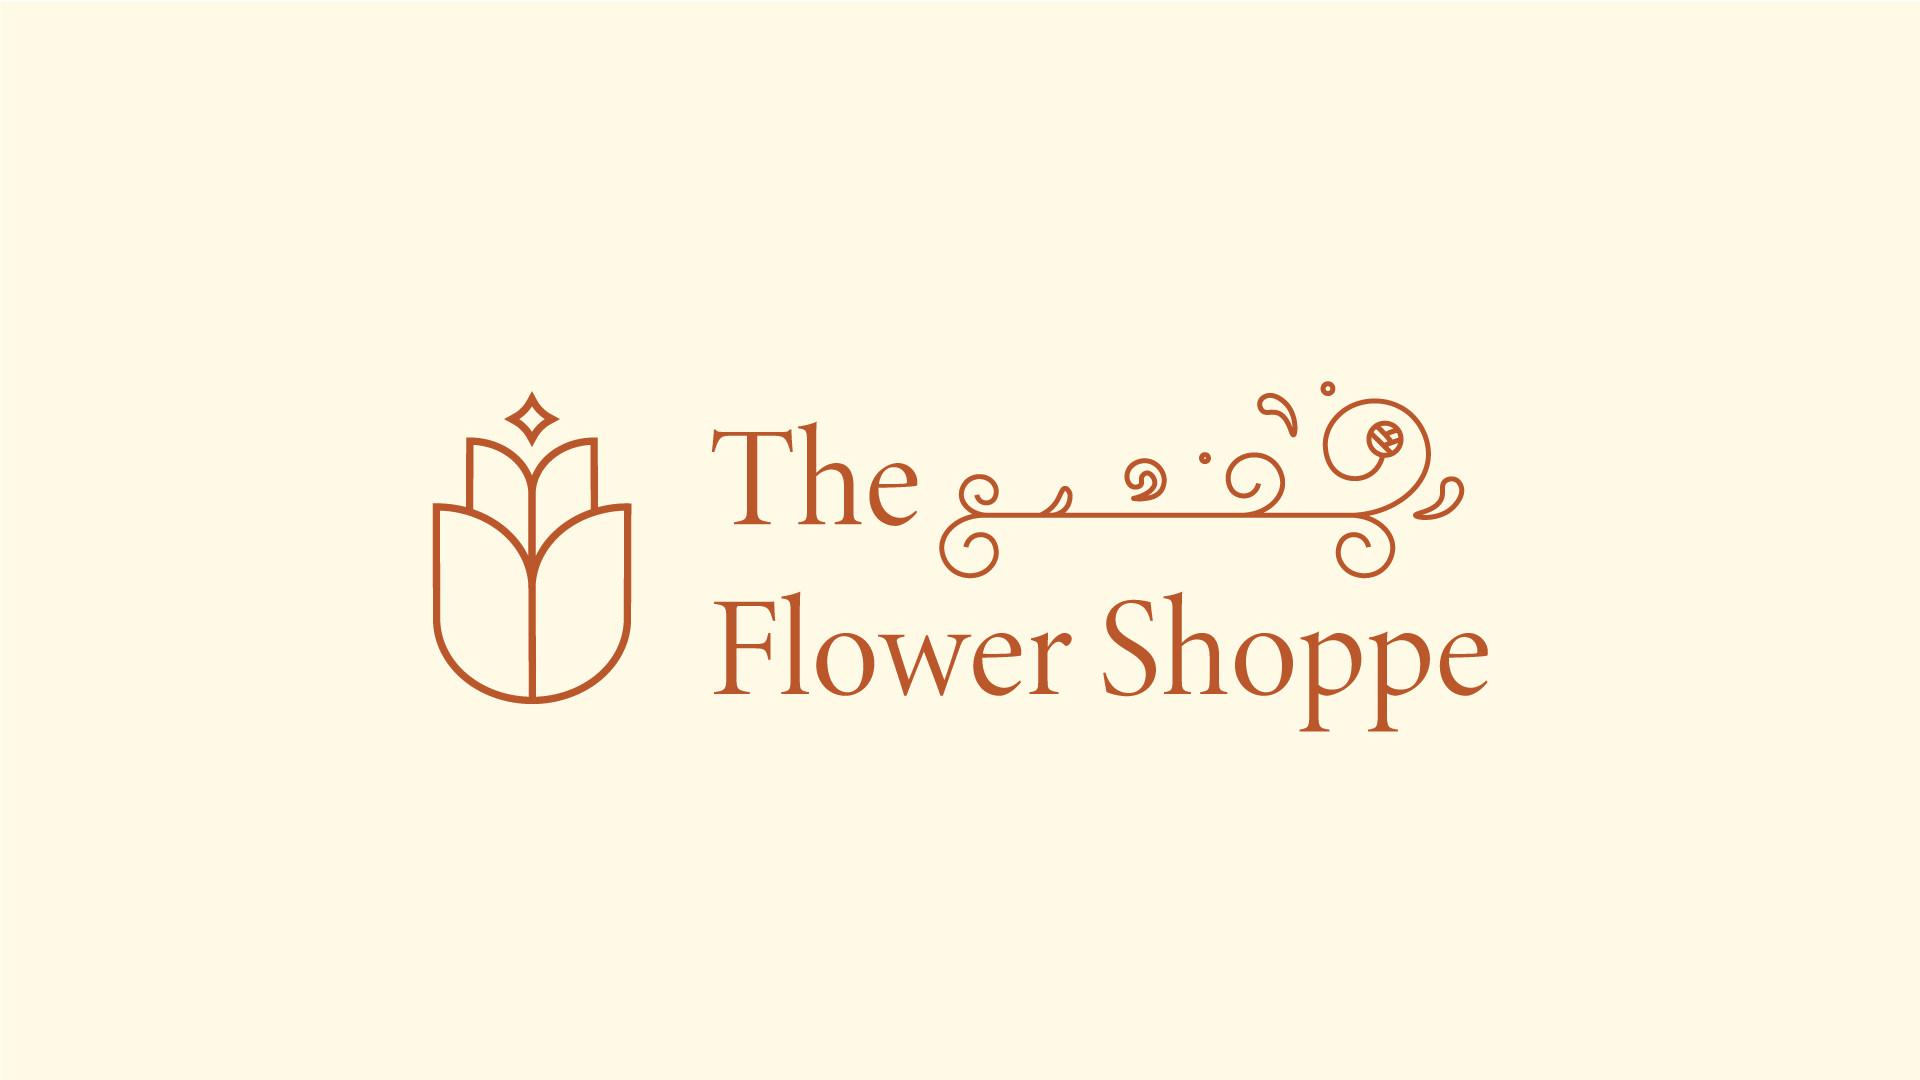 The Flower Shoppe logo